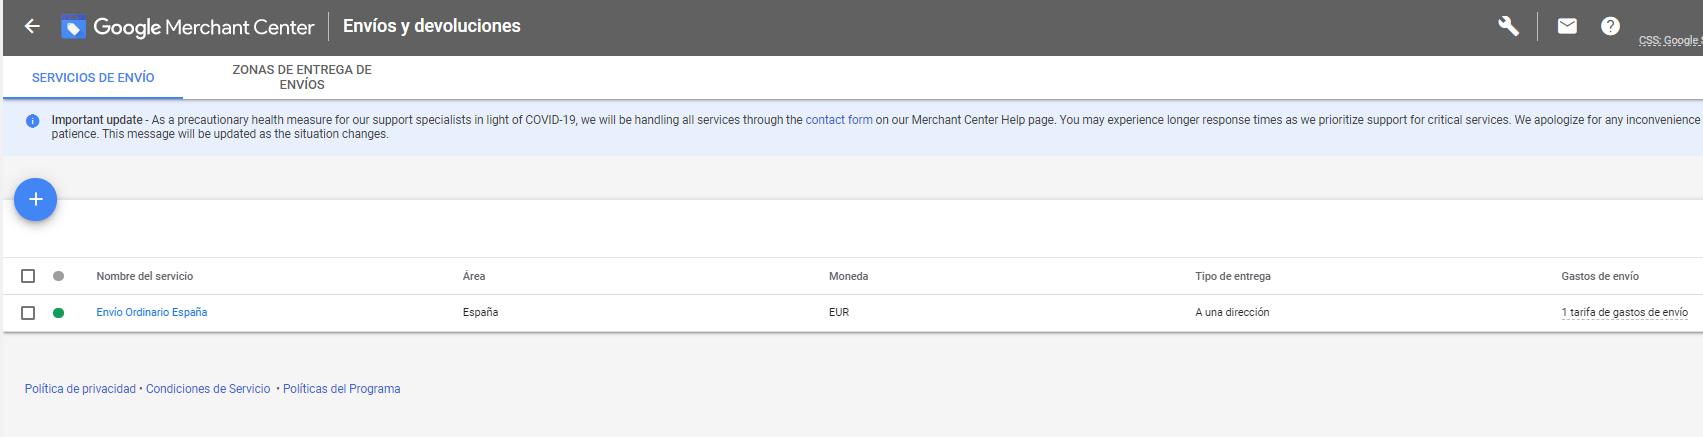 resumen tarifas de envio google merchant center google shopping